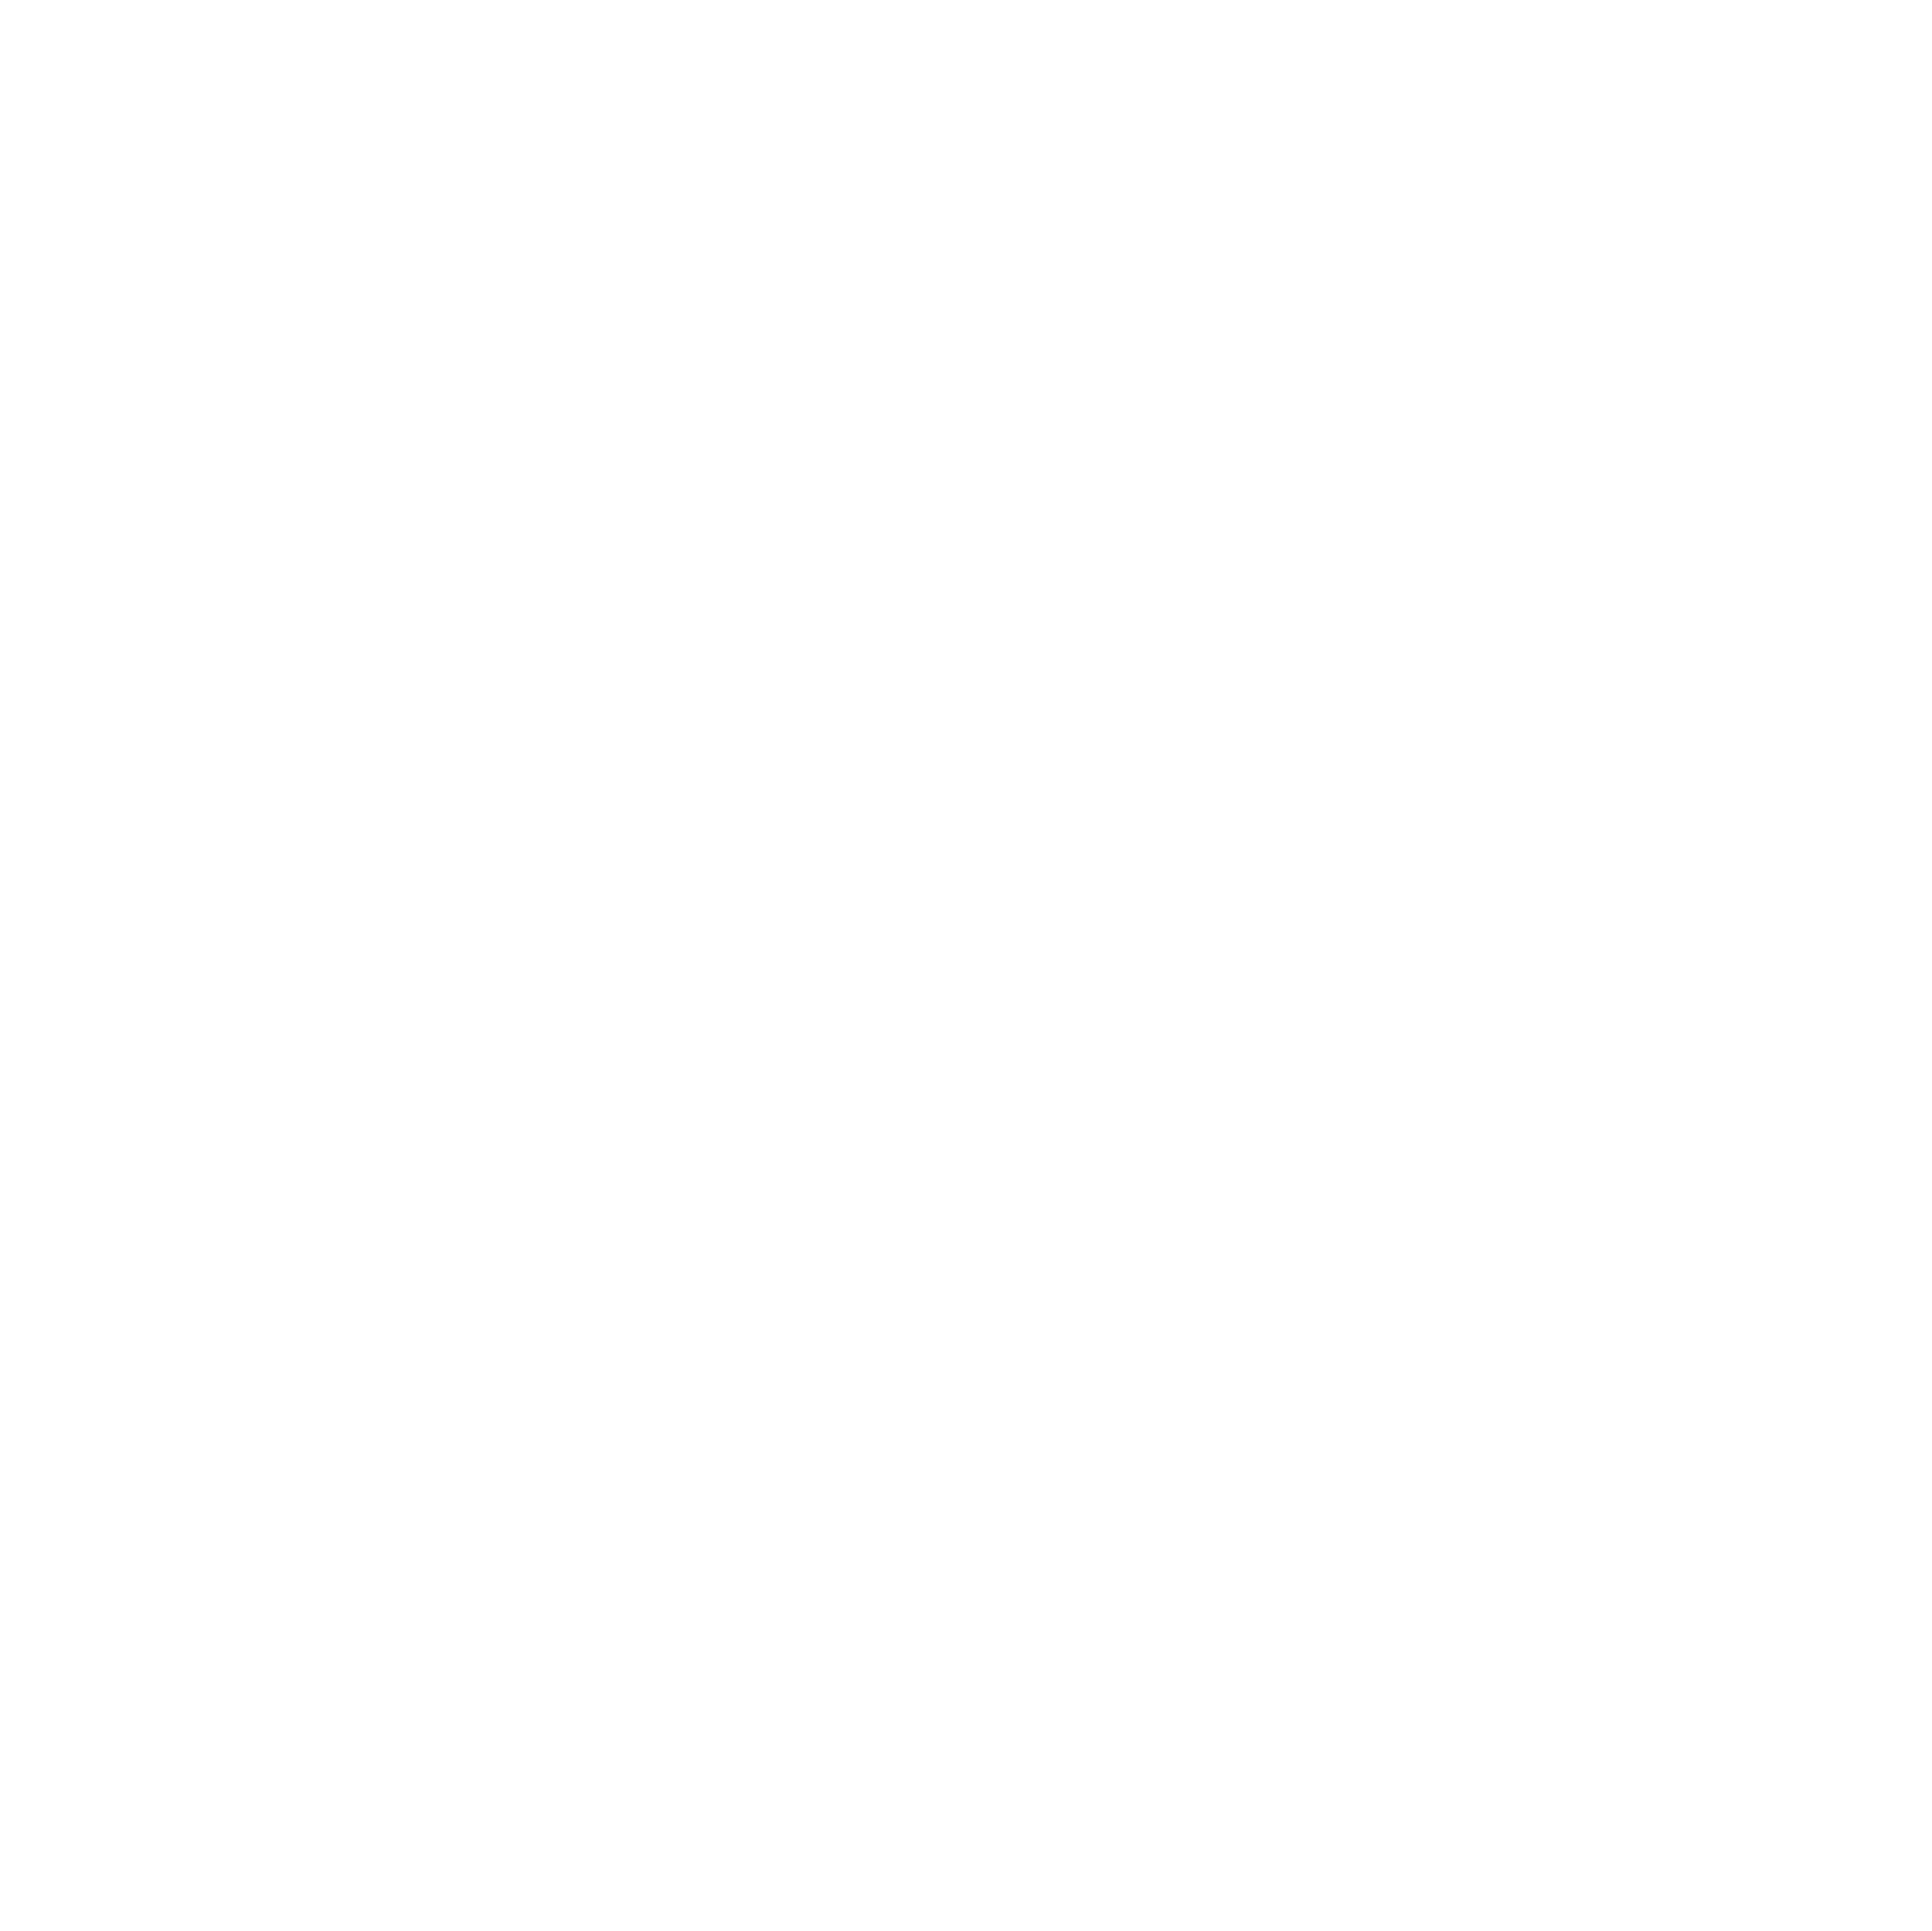 KUCC-Comma_White